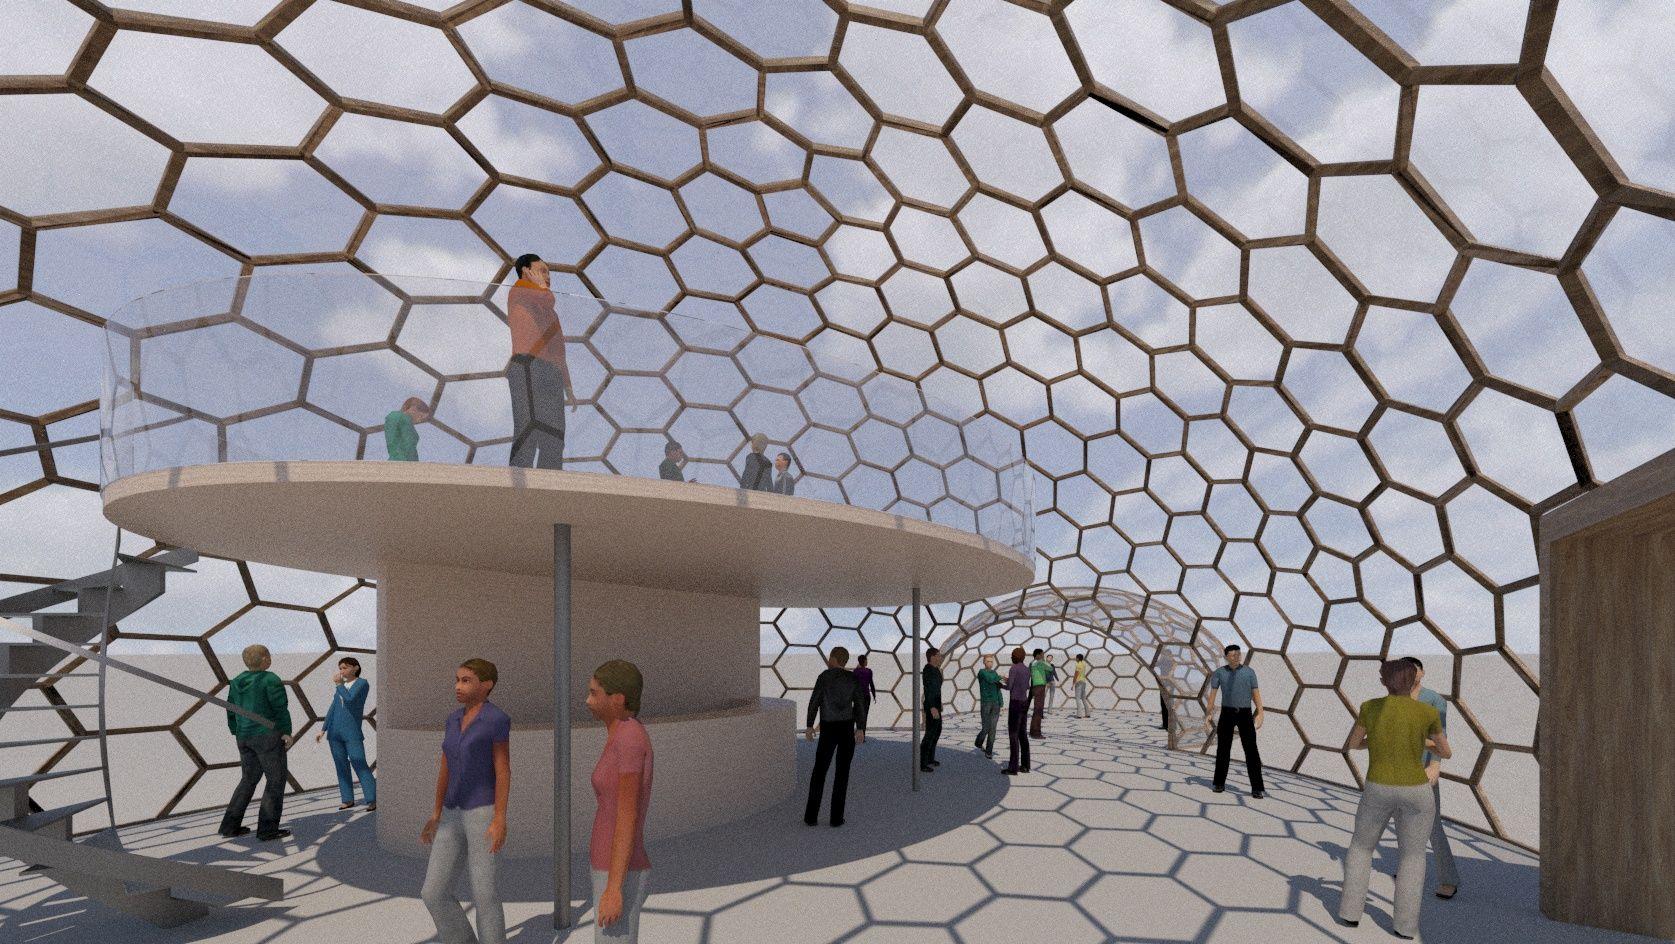 Dome Shape Transparent Pavilions In 2020 Dome Structure Pavilion Architecture Dome